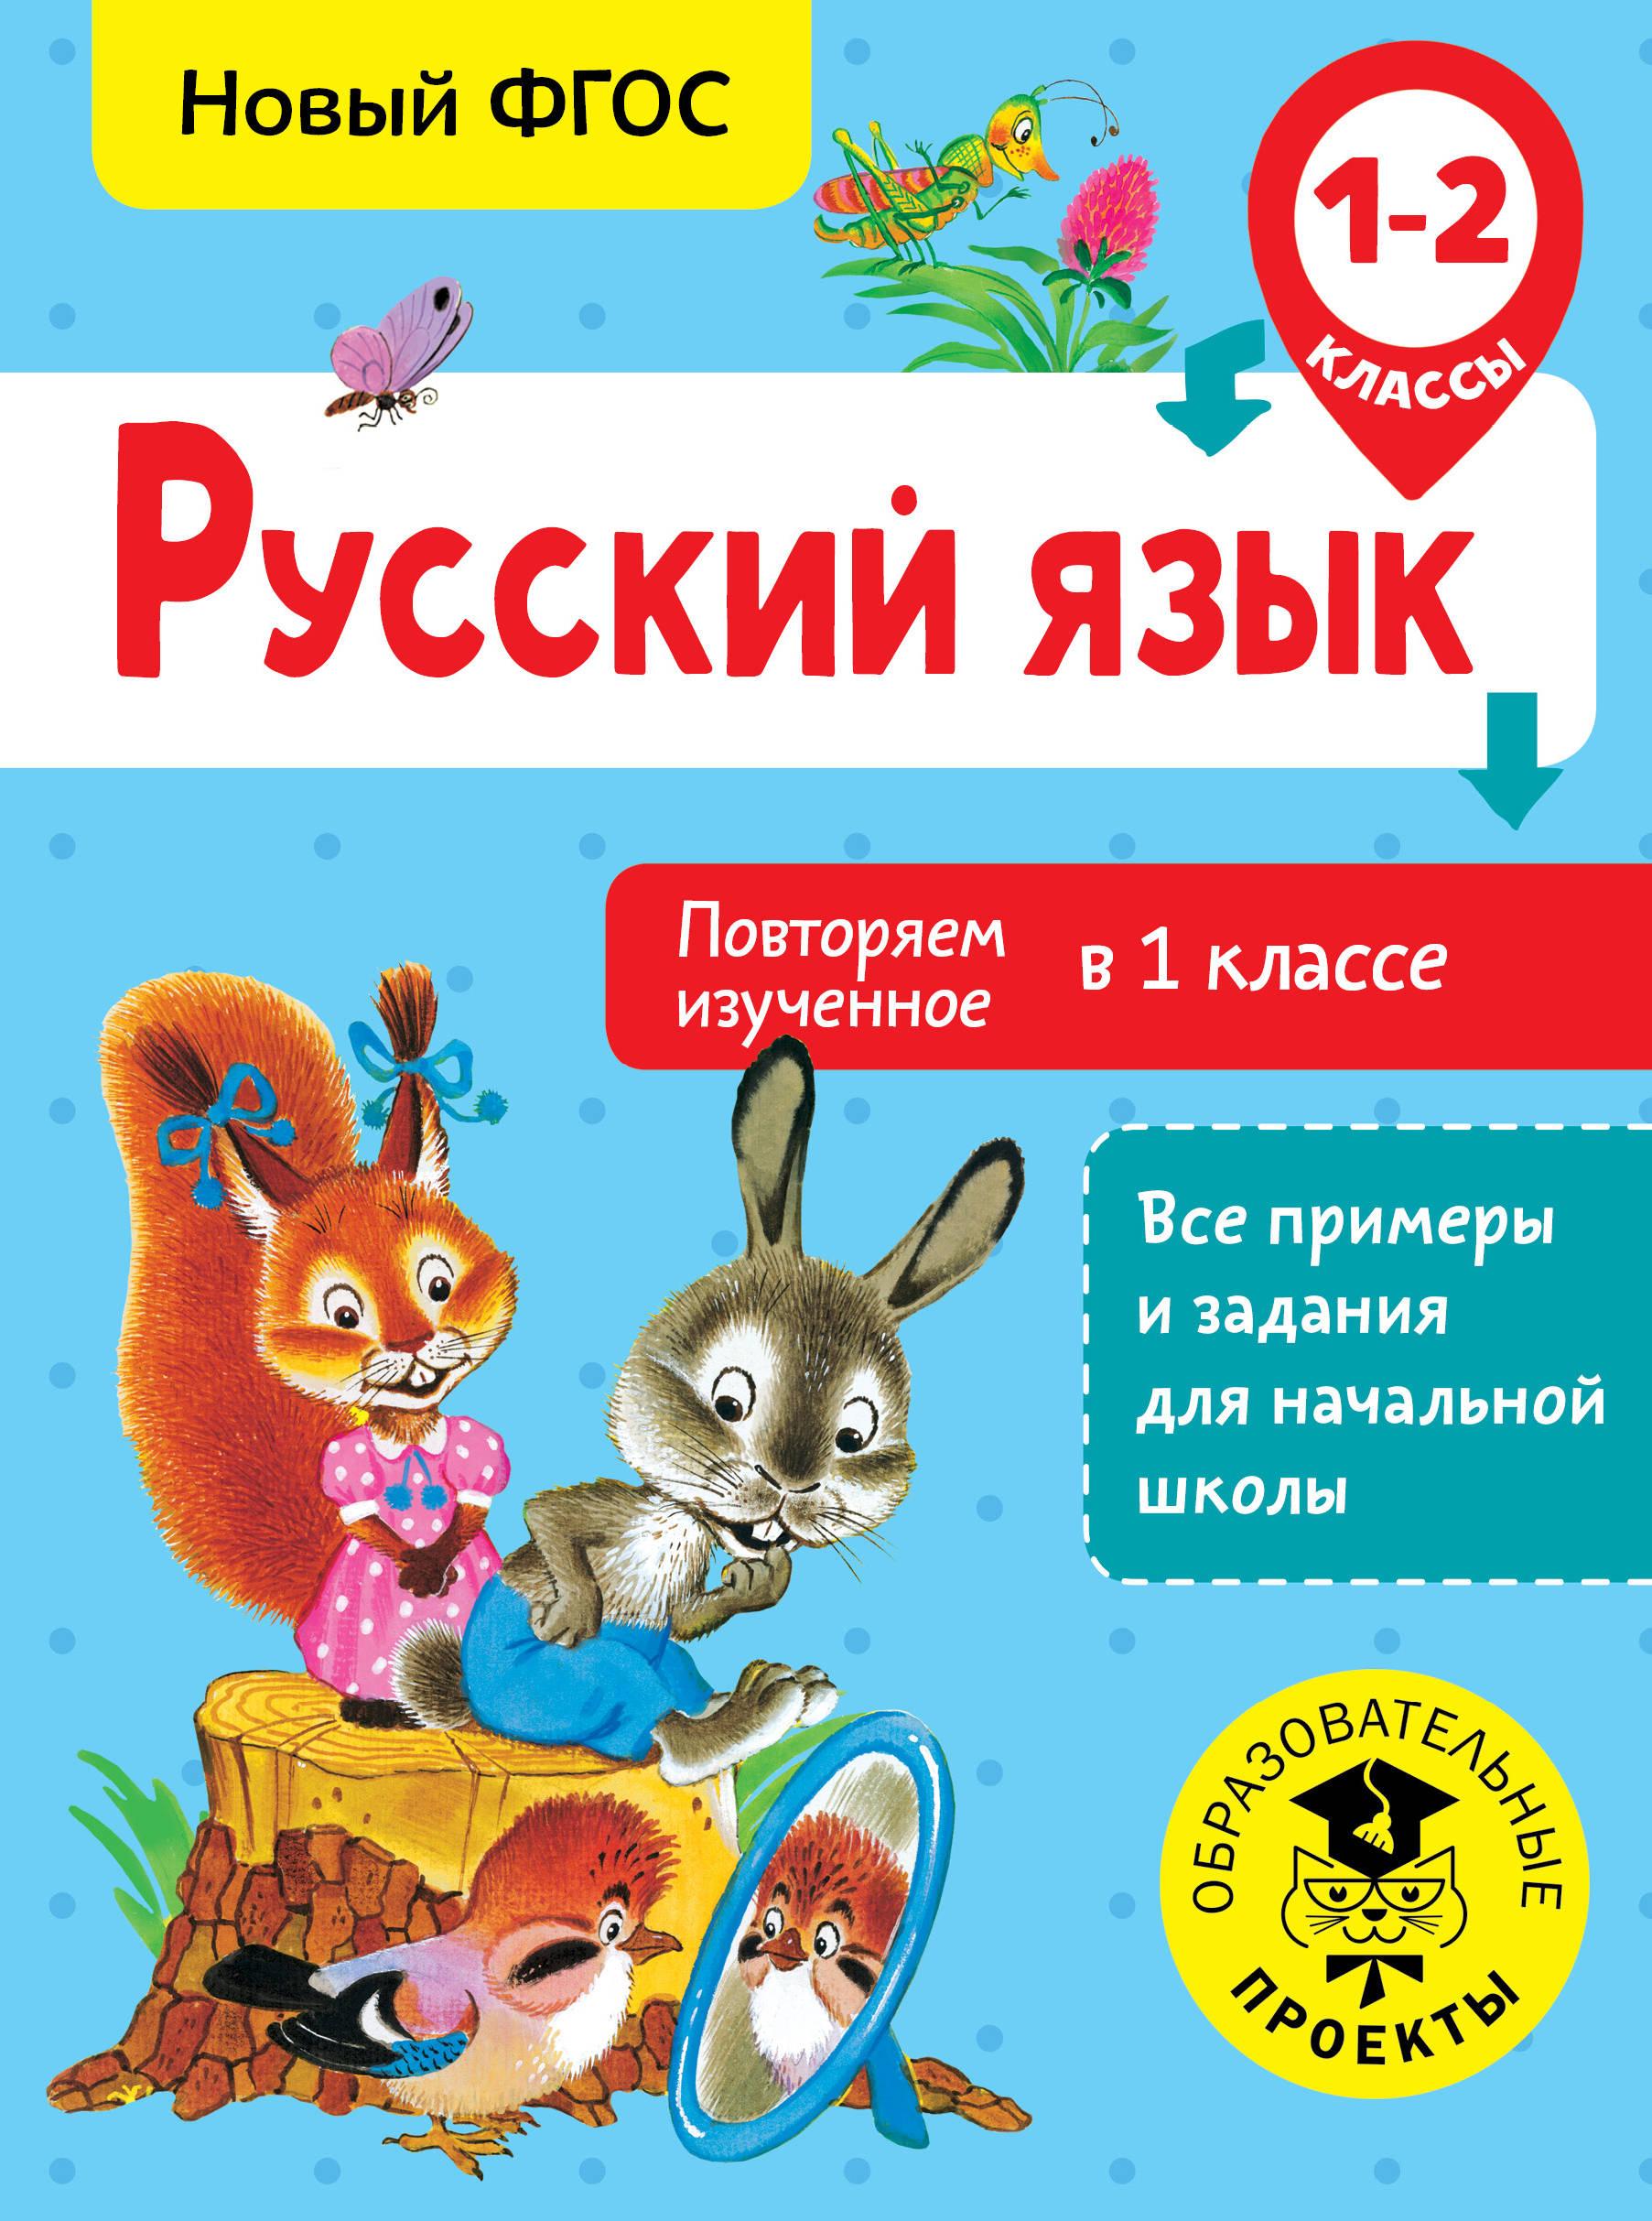 Русский язык. Повторяем изученное в 1 классе. 1-2 класс ( Калинина Ольга Борисовна  )